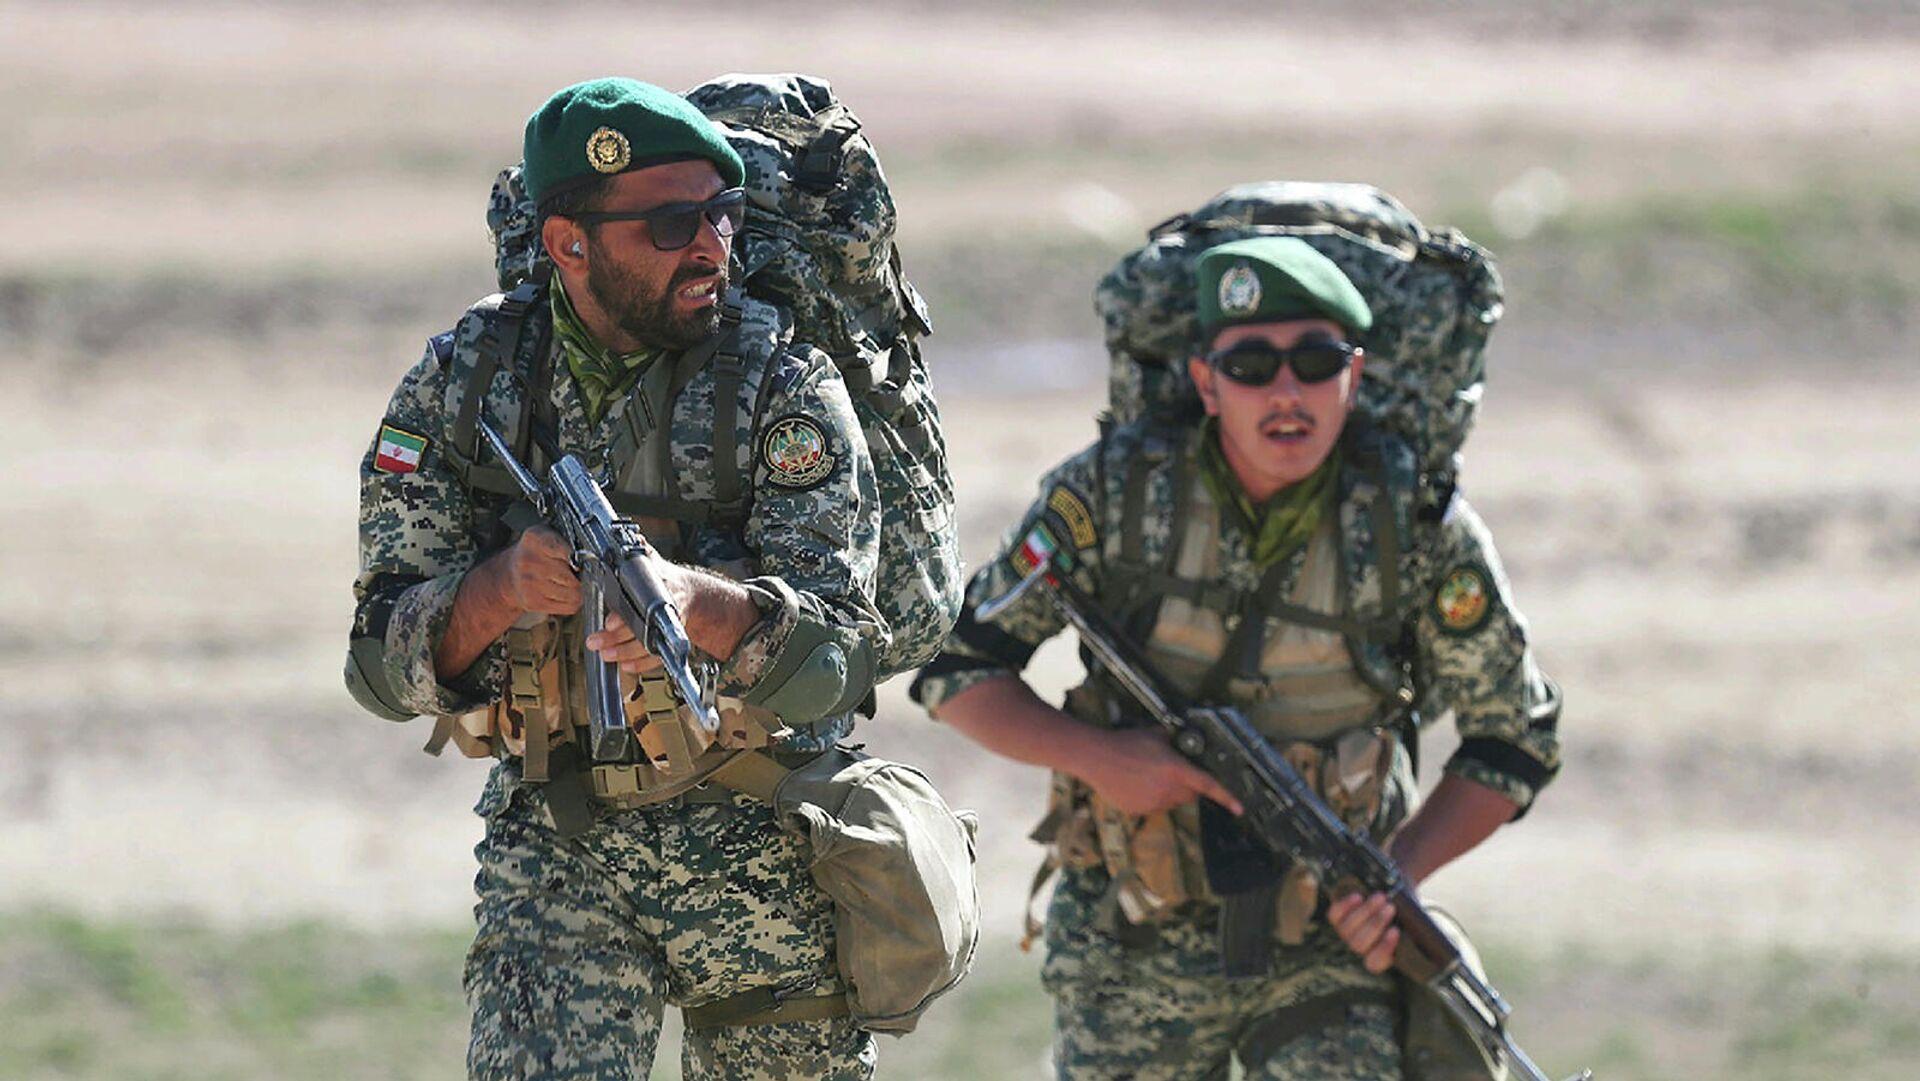 Войска сухопутных войск иранской армии во время масштабных военных учений на границе Ирана с Азербайджаном (2 окбтября 2021). Иран - Sputnik Армения, 1920, 06.10.2021